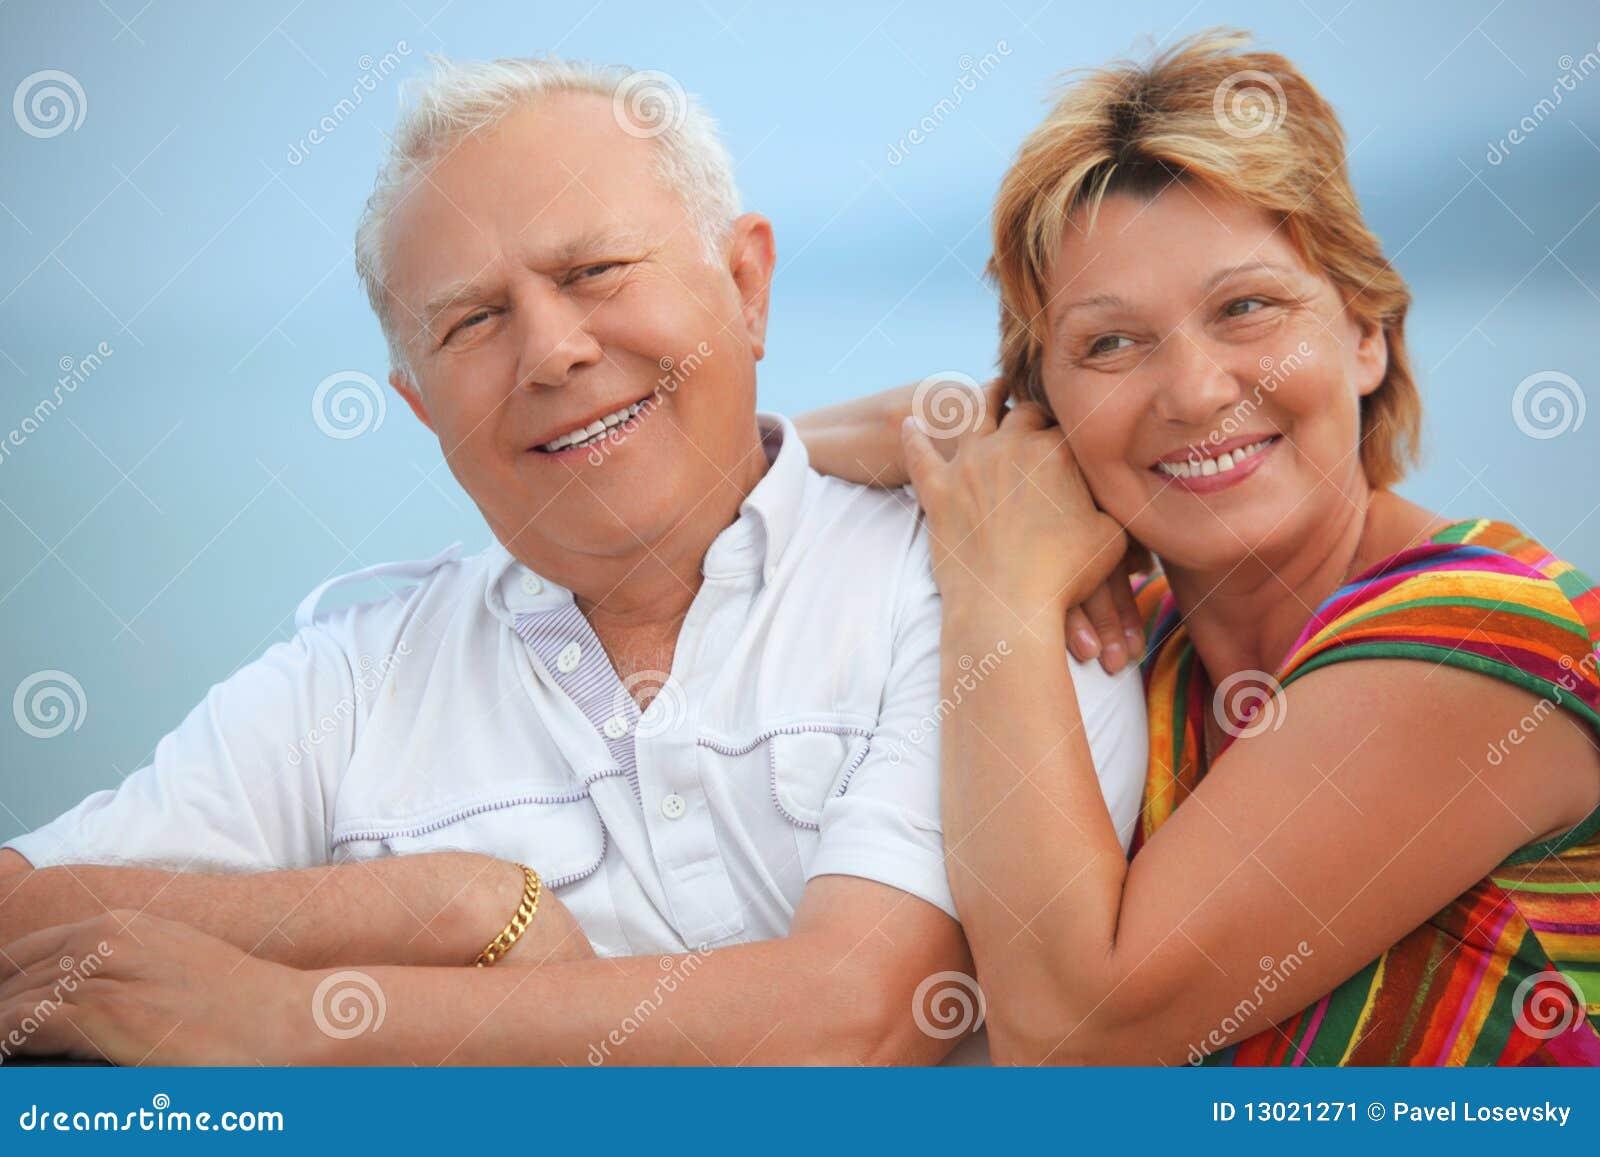 Smiling elderly married couple on veranda